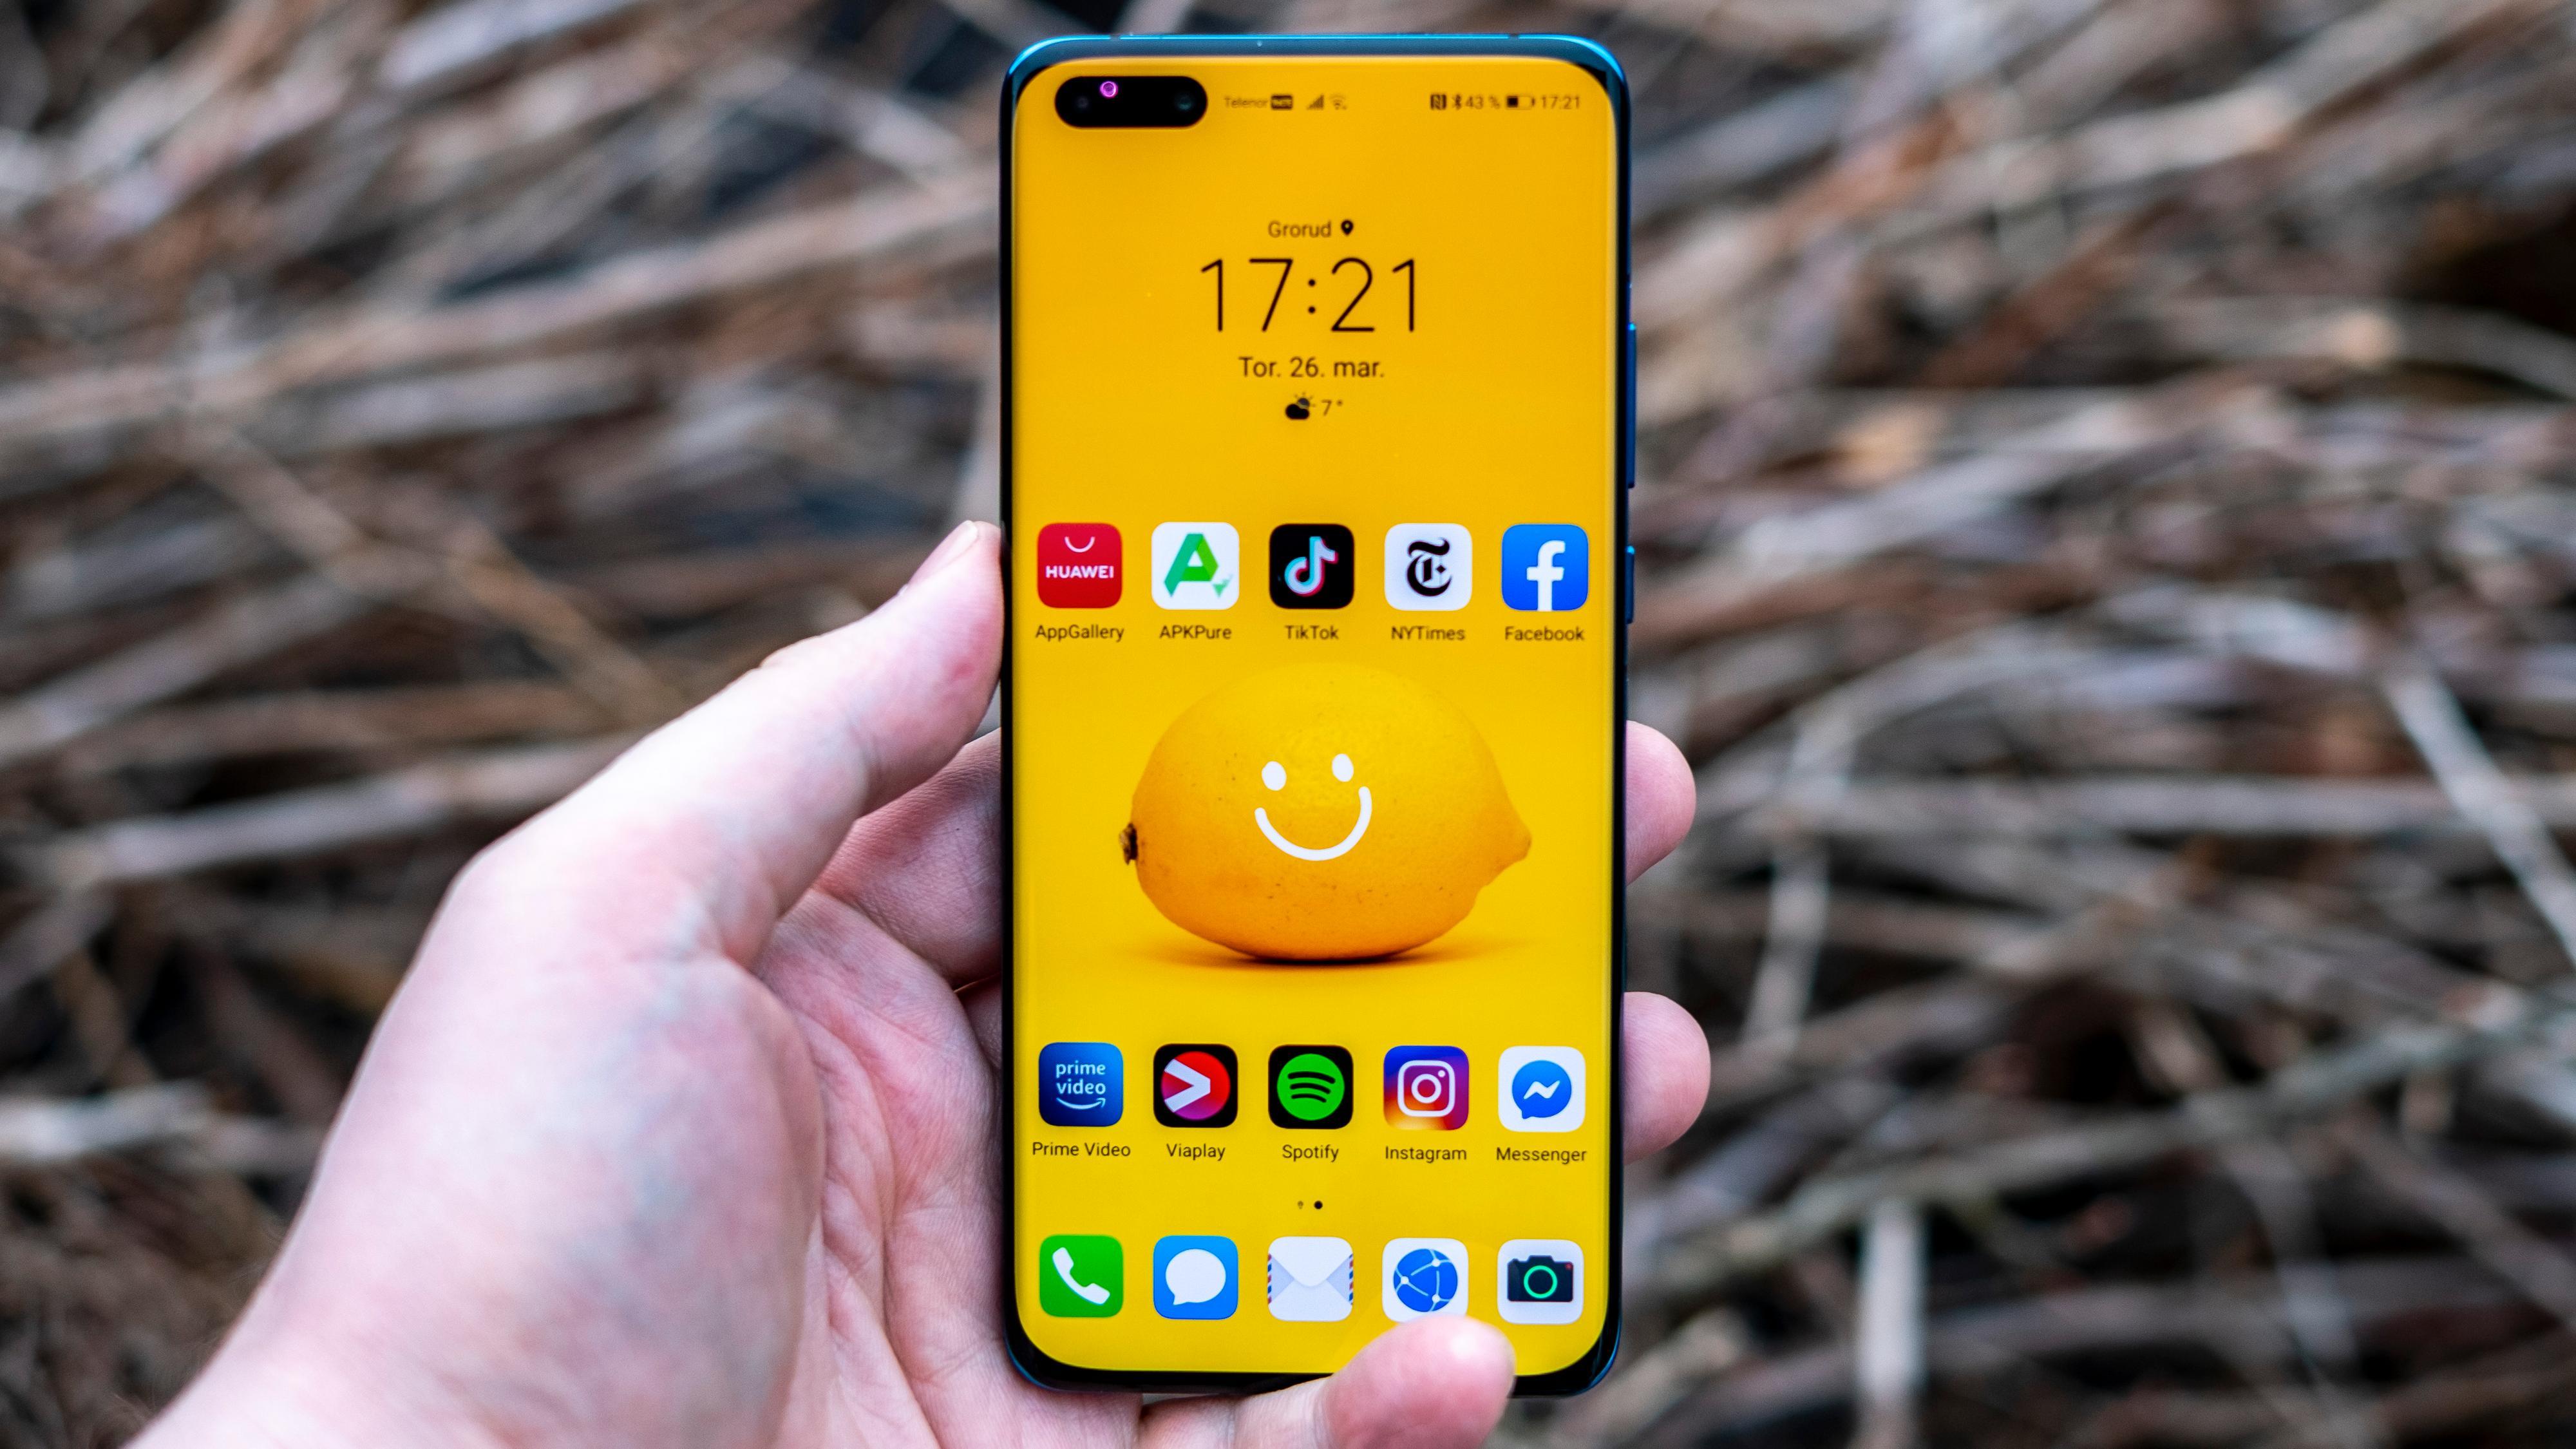 Den beste mobilen på markedet, bortsett fra én enorm mangel